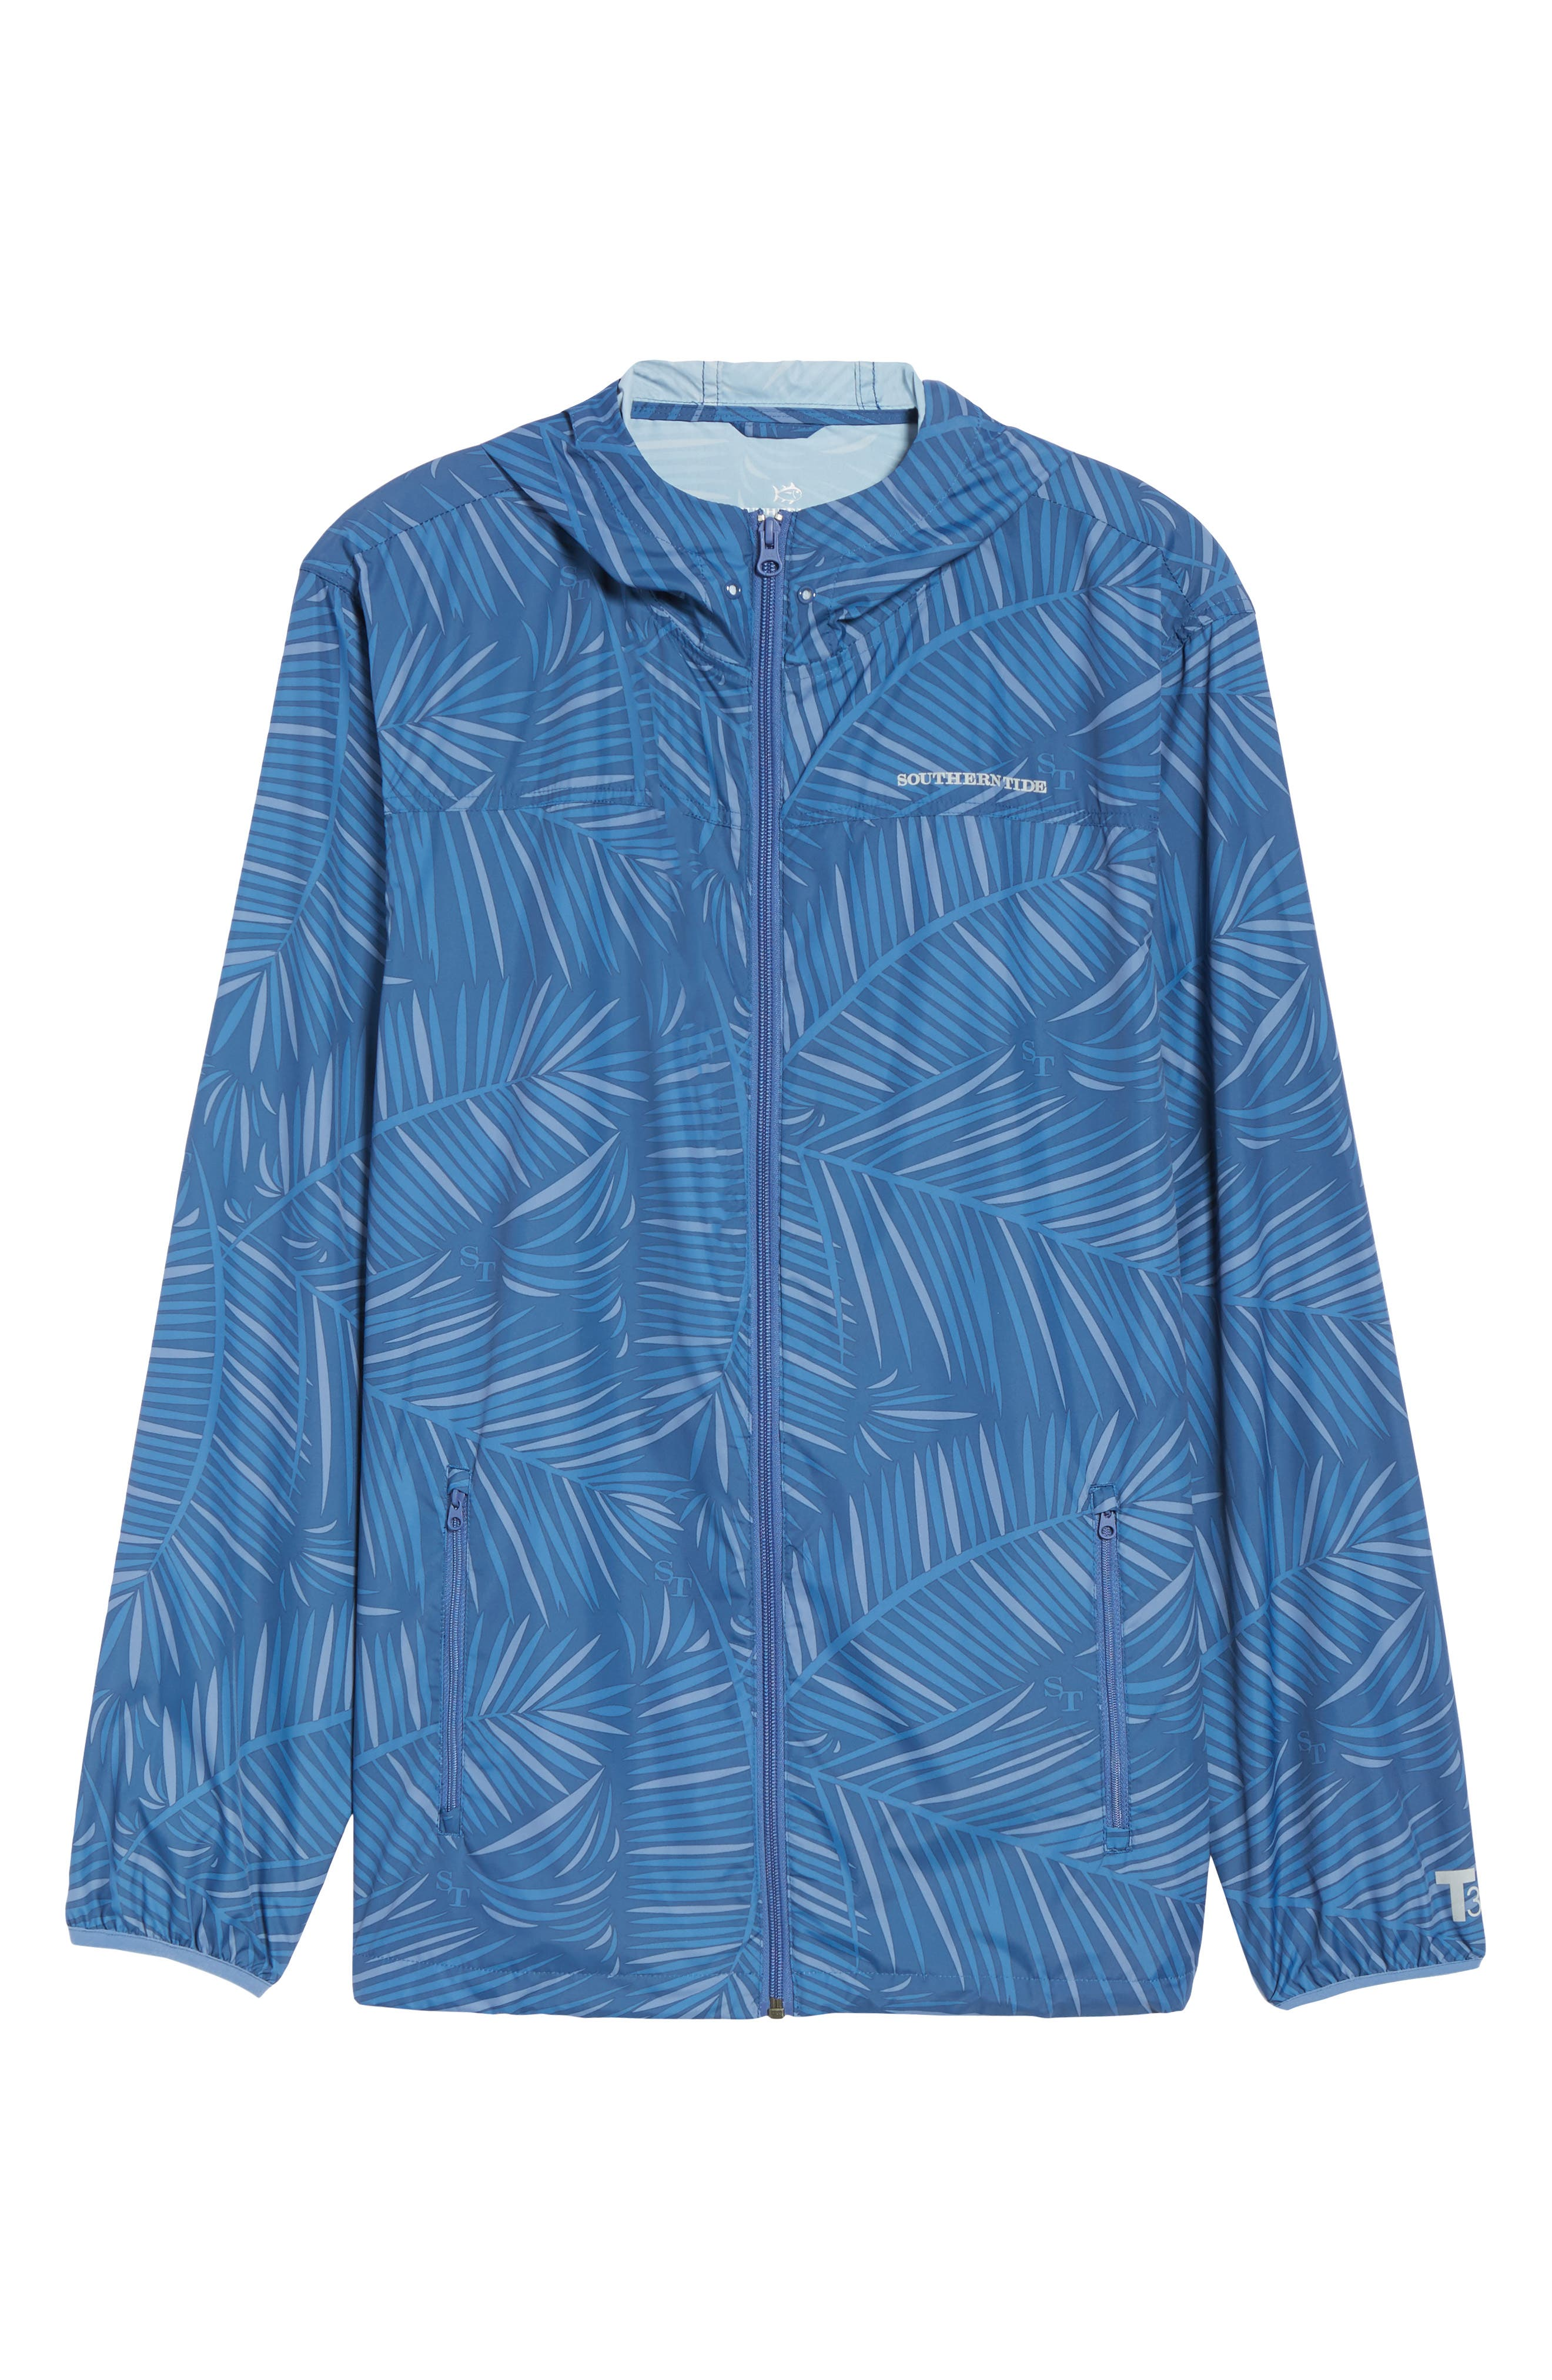 Pelican Peak Full Zip Hooded Jacket,                             Alternate thumbnail 6, color,                             Seven Seas Blue